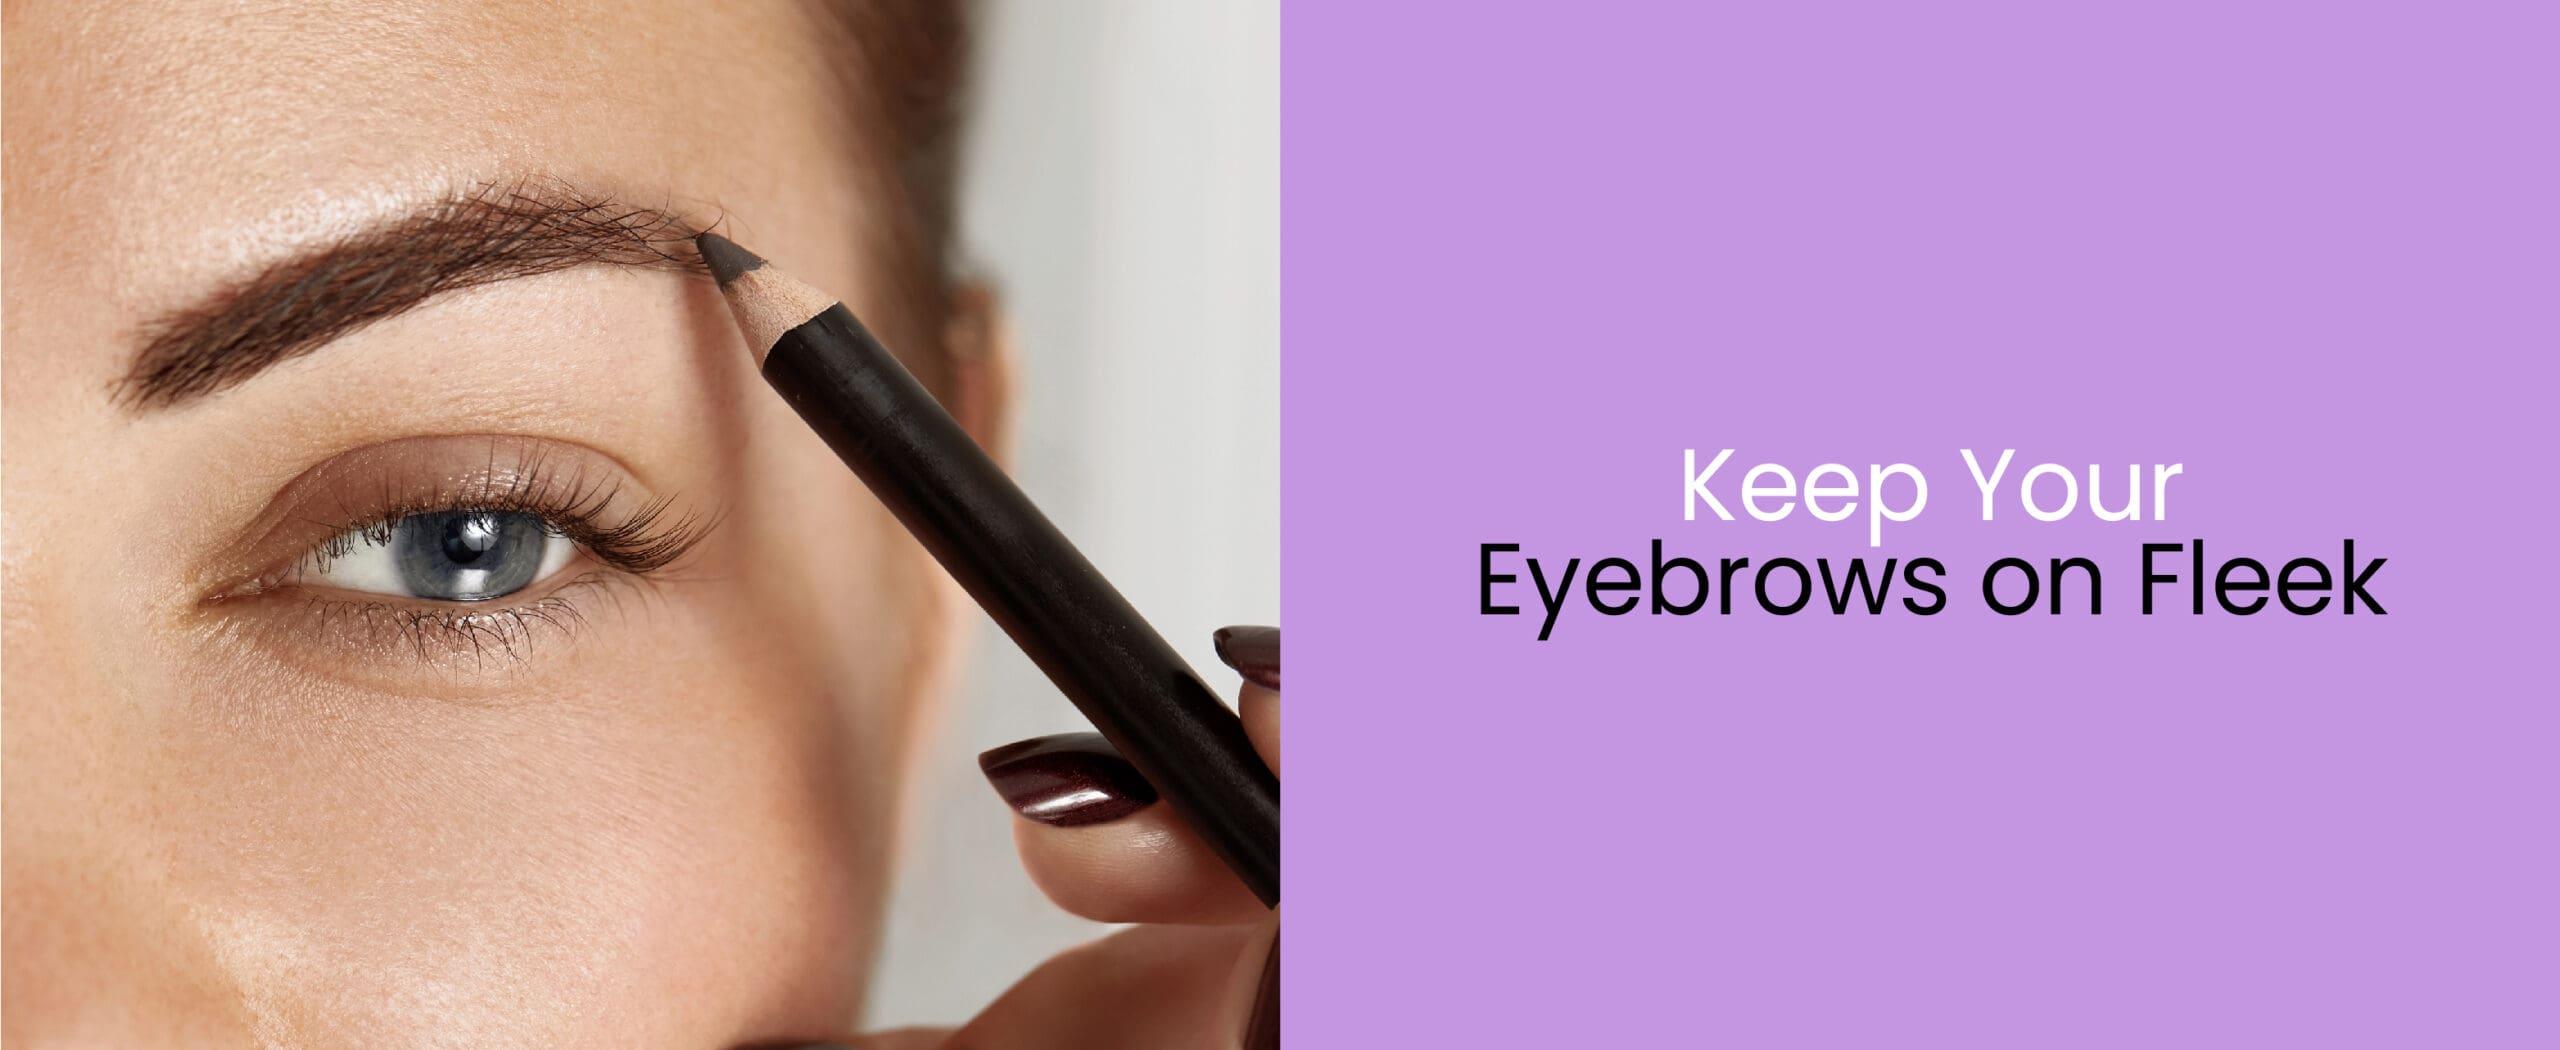 4. Keep Your Eyebrows on Fleek